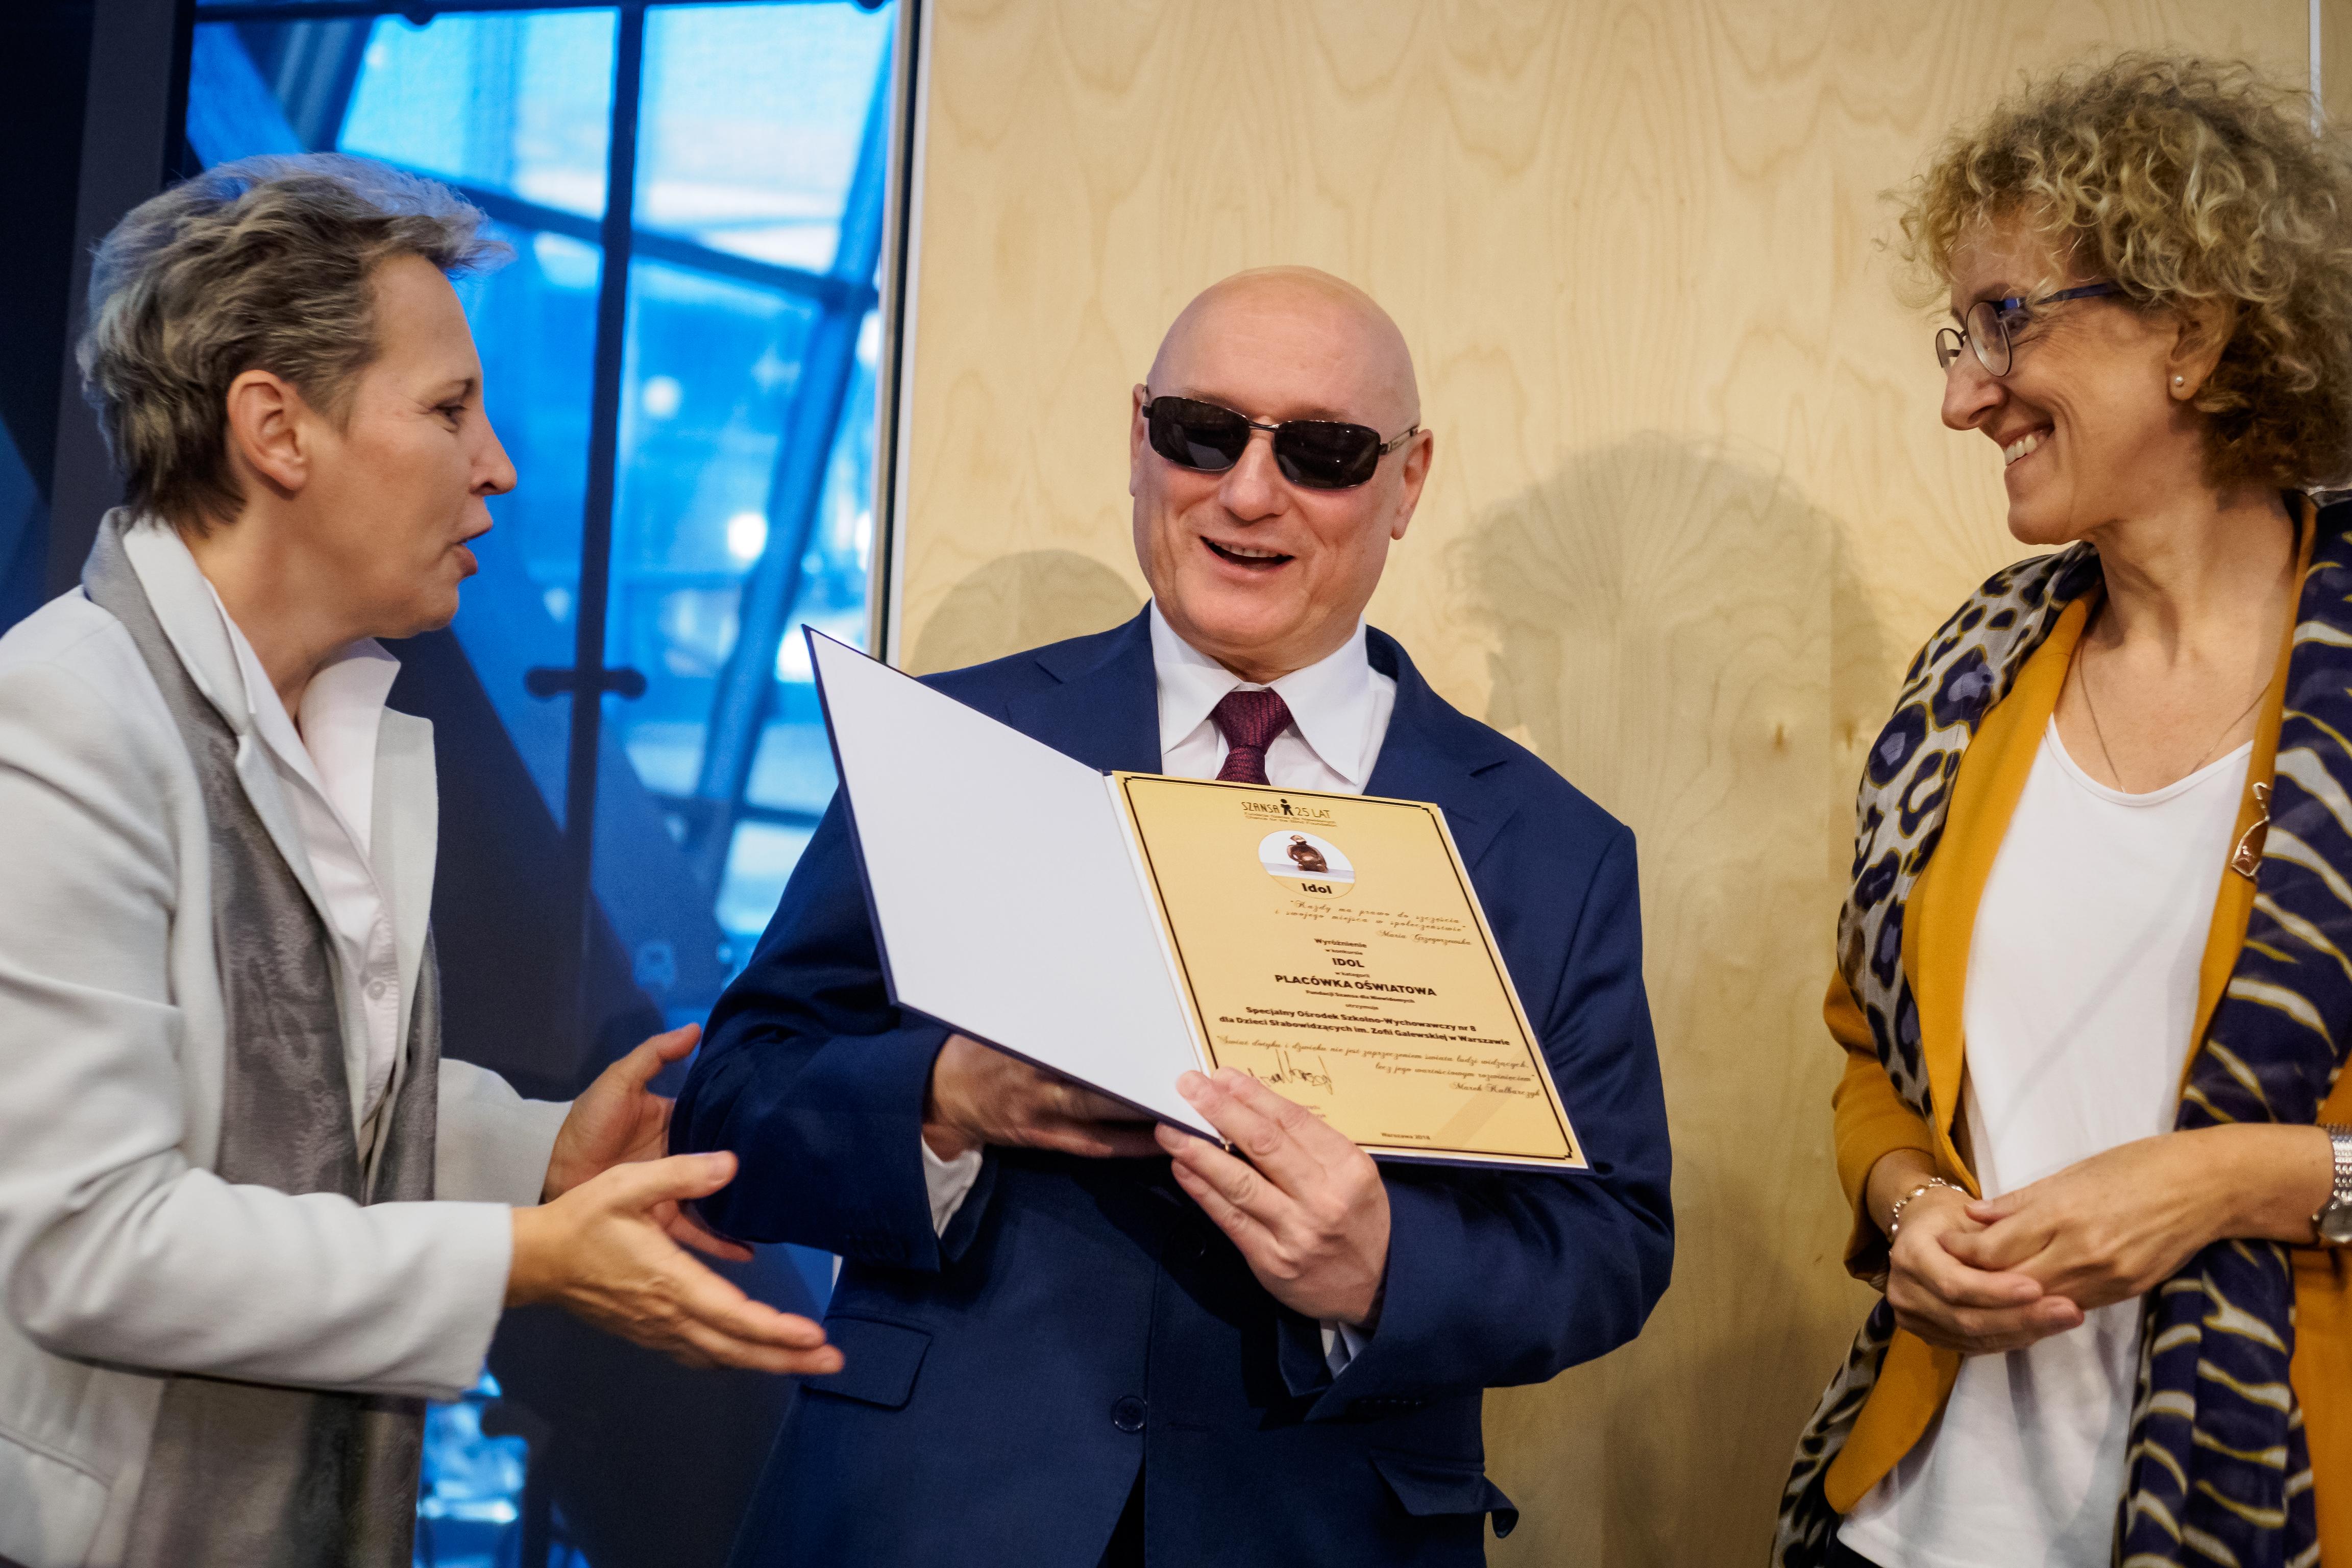 Prezes Kalbarczyk z dyplomem i obok niego dwie przedstawicielki w kategorii IDOL PLACÓWKA OŚWIATOWA.